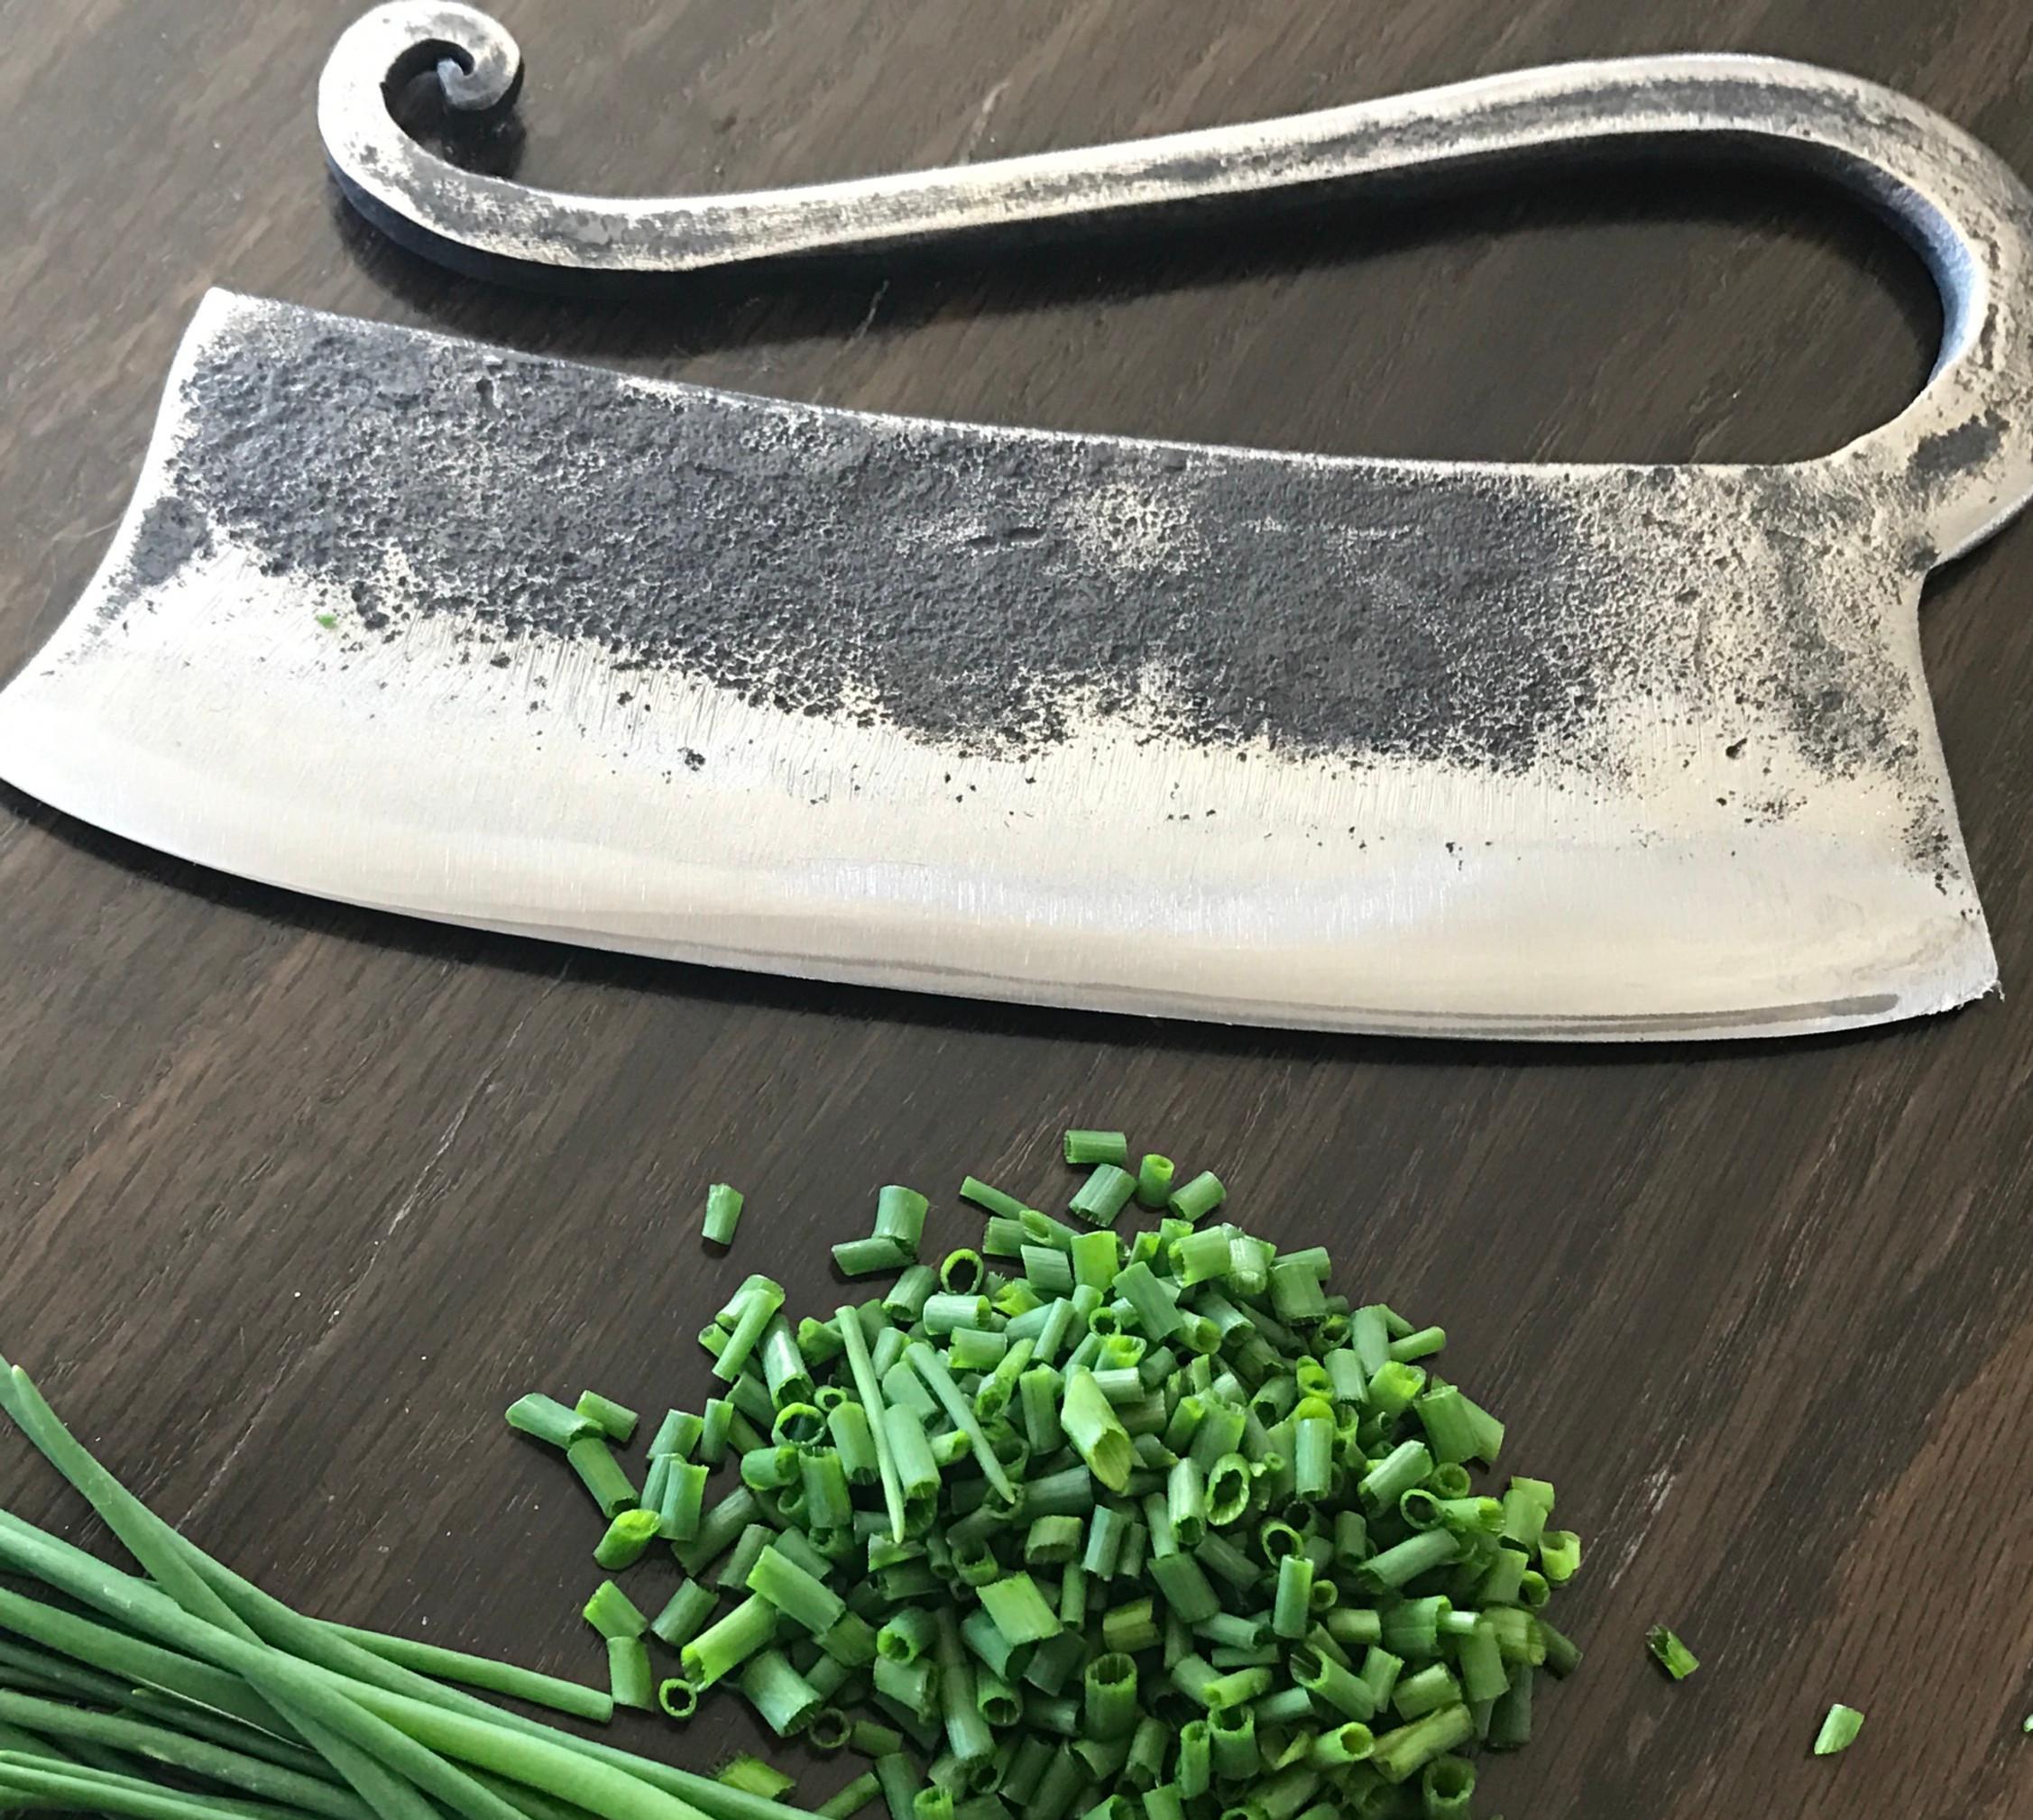 Pizza Blade / Herb Cutter Workshop